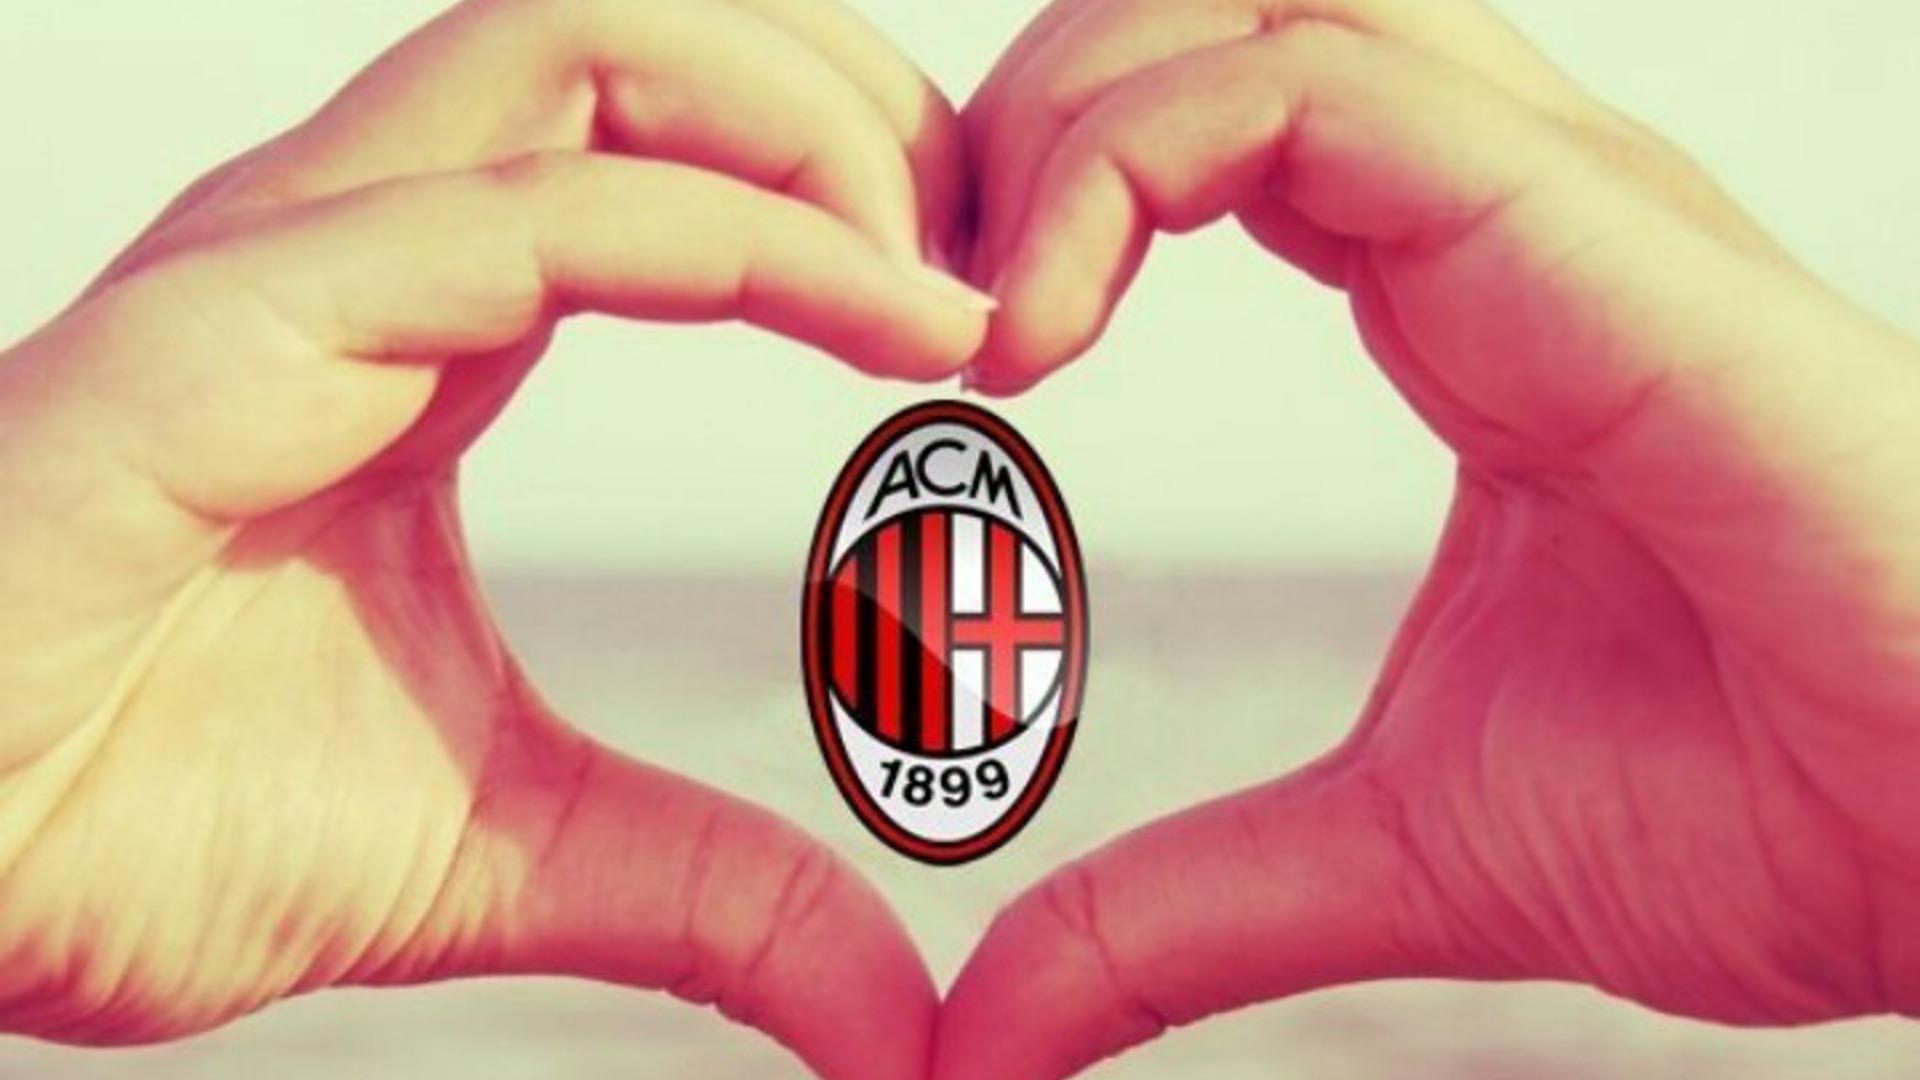 W sobotę mecz Juventus - AC Milan. To wtedy urodzi się moja córka?